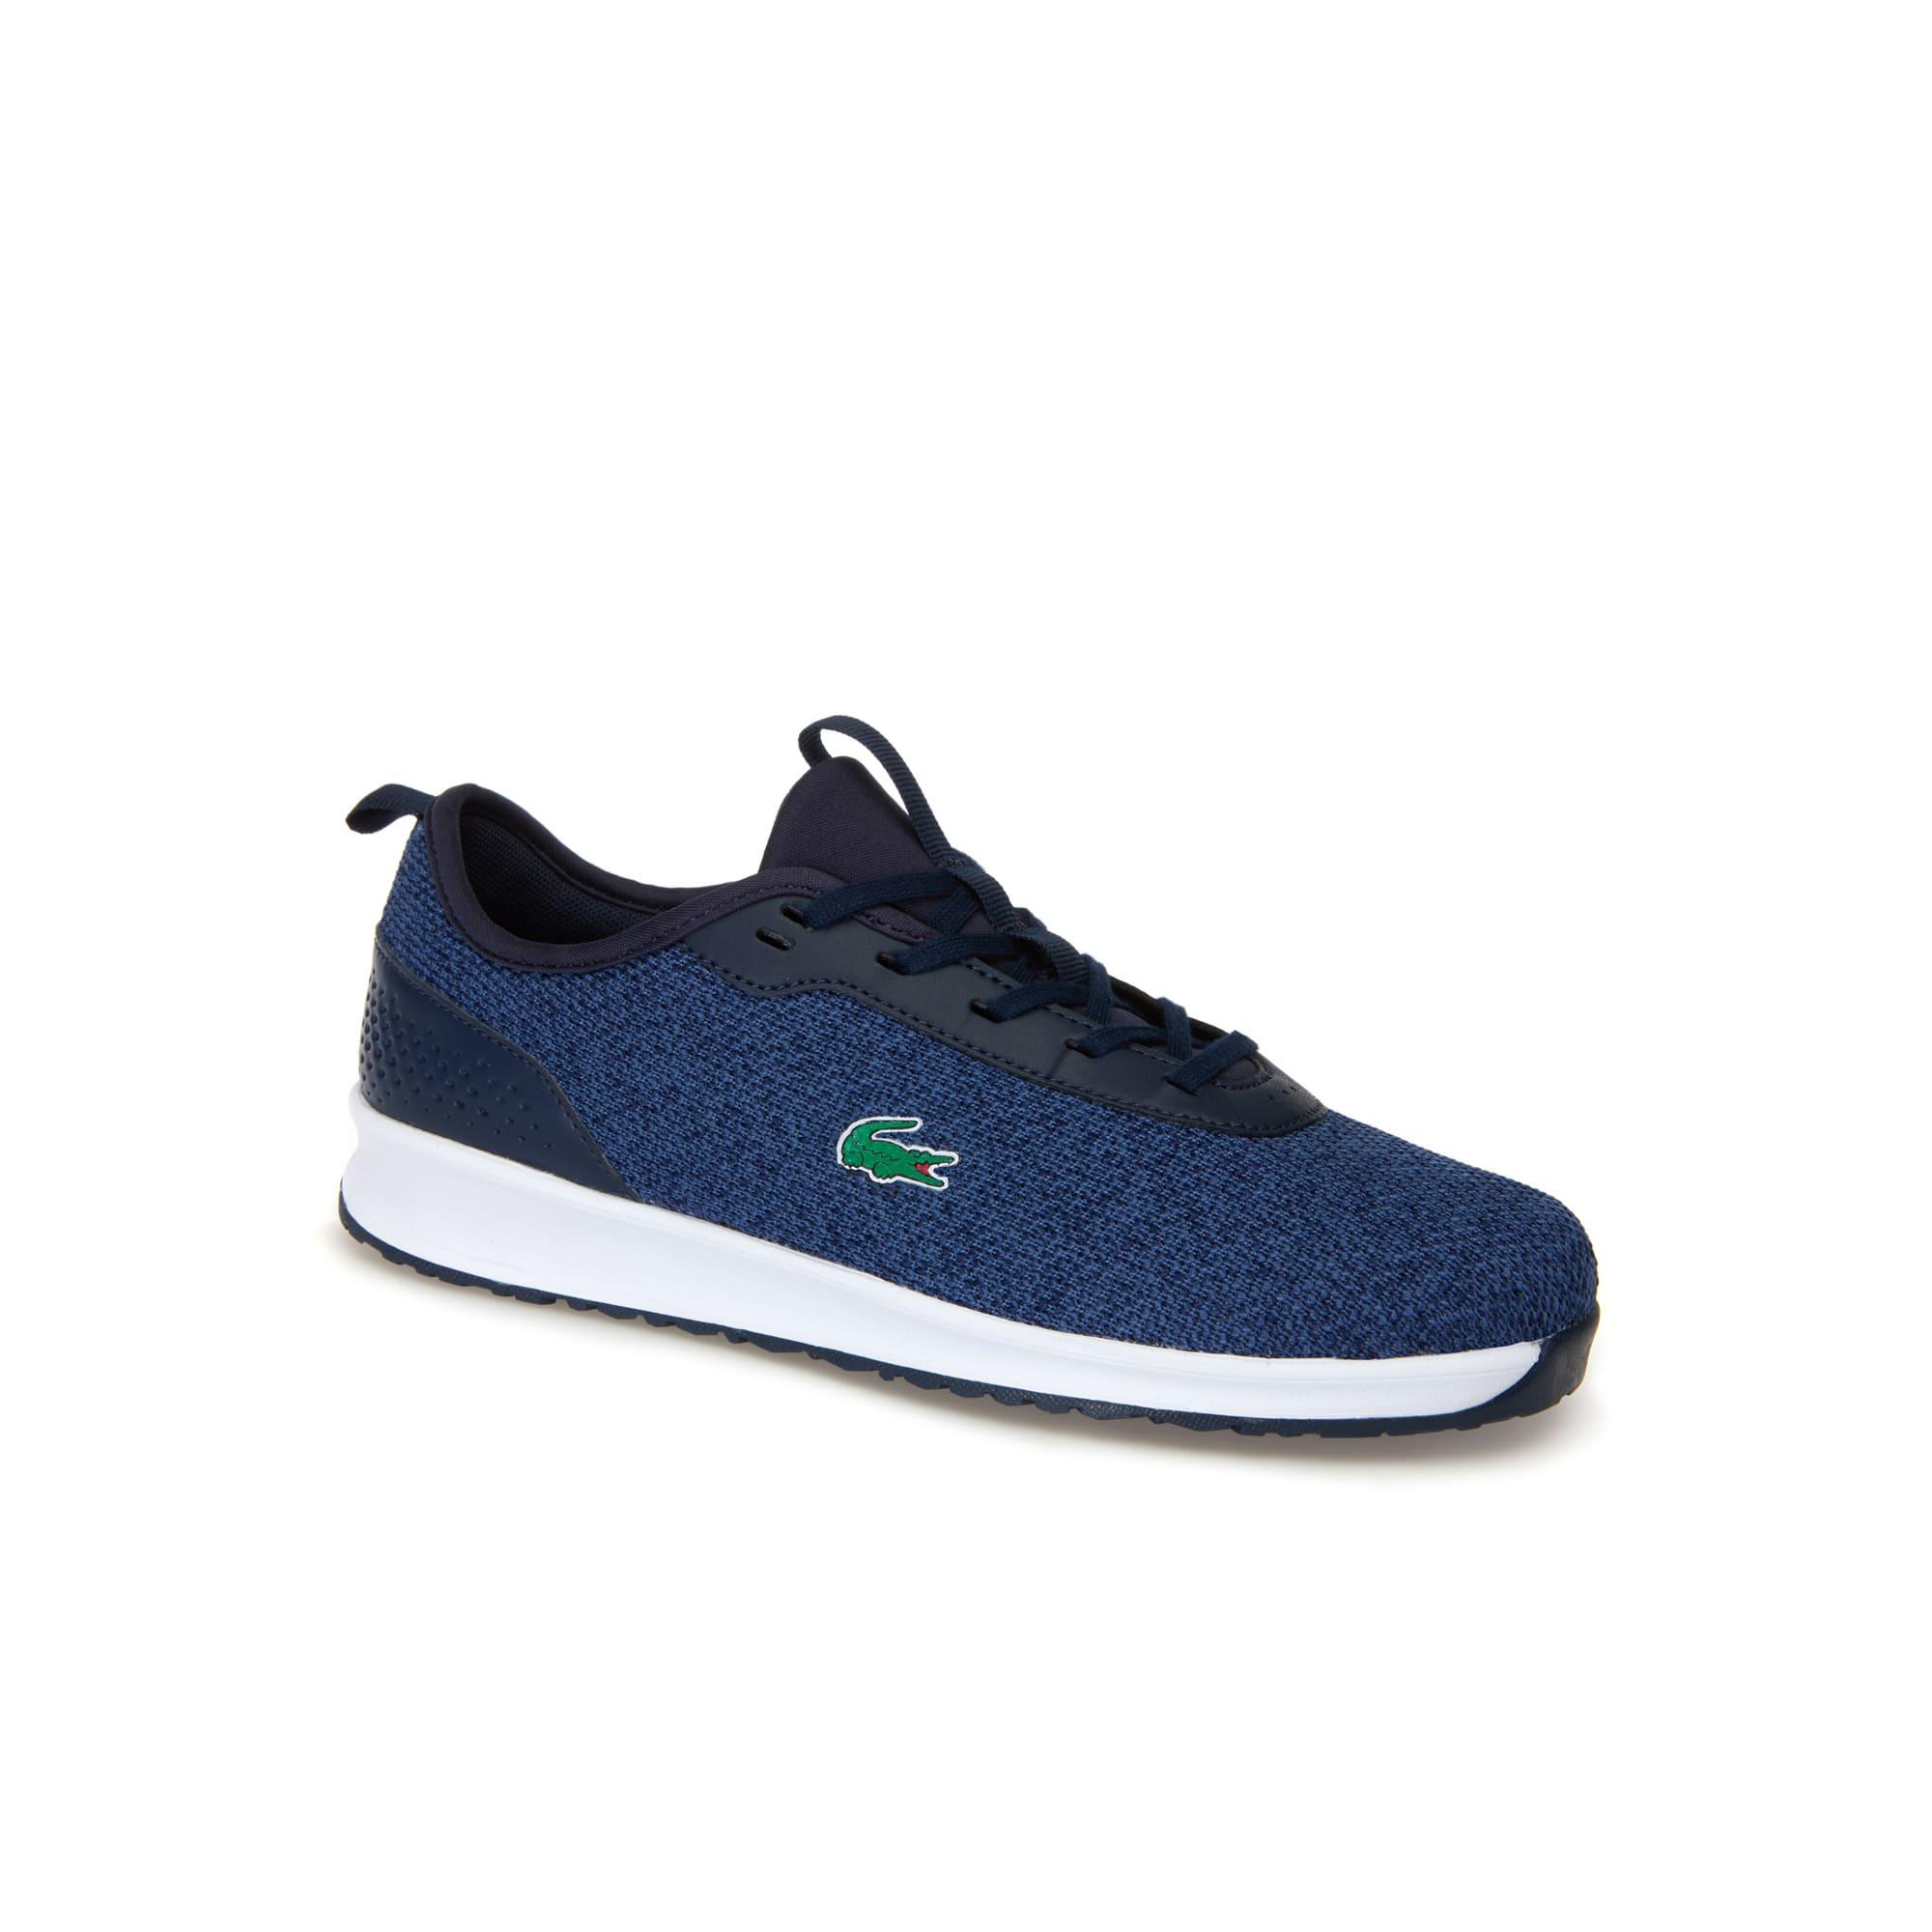 Teen-Sneakers LT SPIRIT 2.0 aus Textil